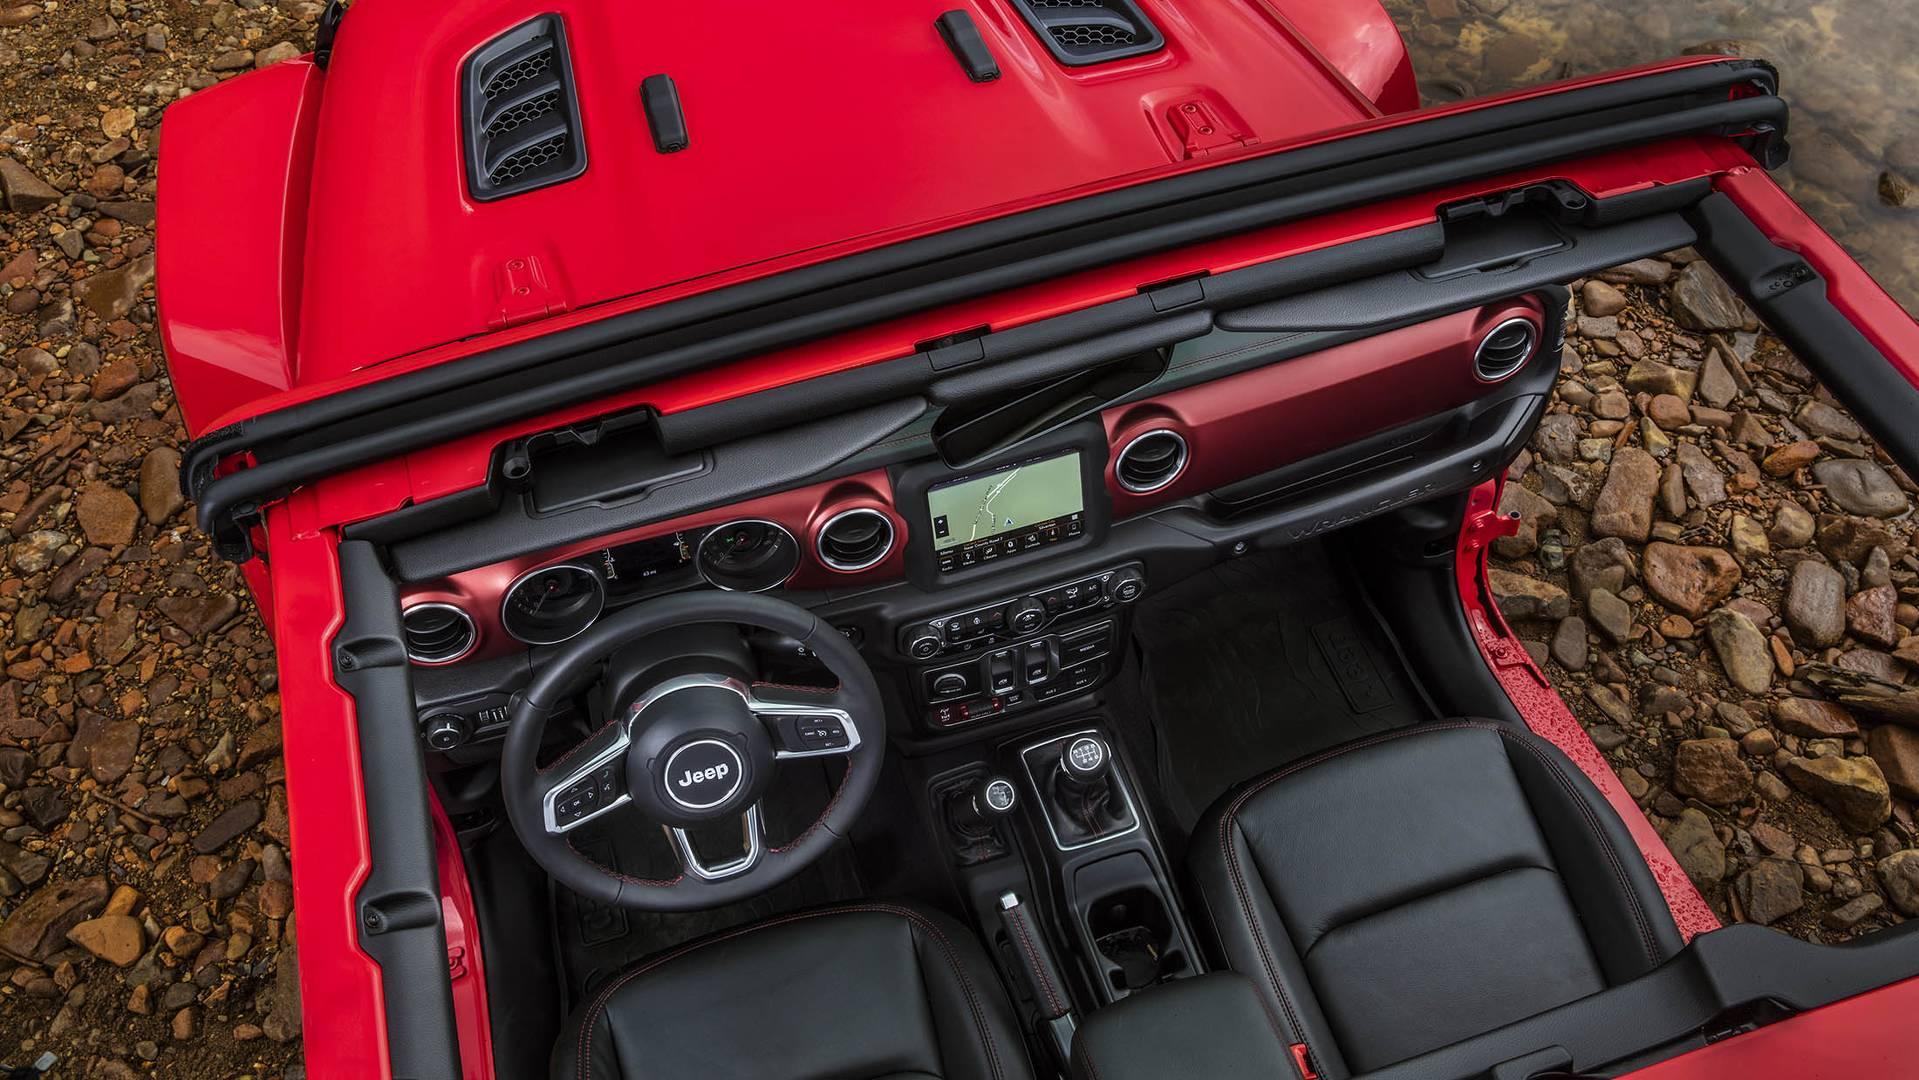 Jeep Wrangler 2018 — фотогалерея внедорожника